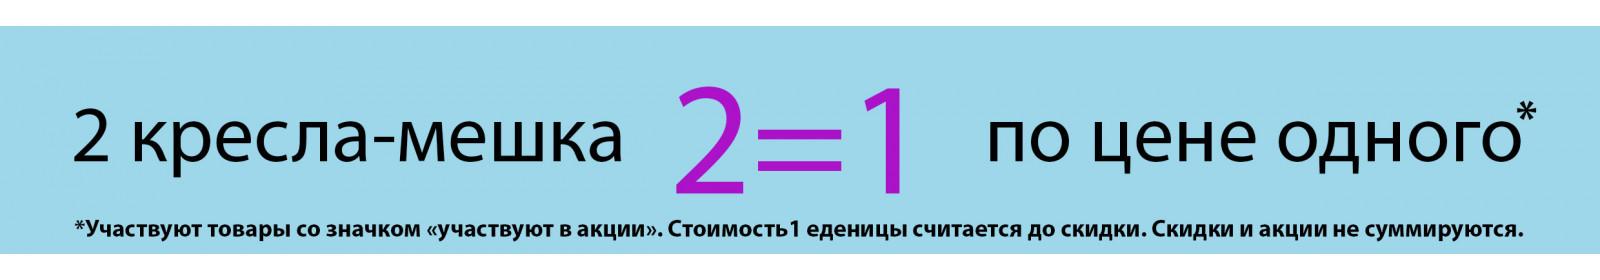 2 равно 1